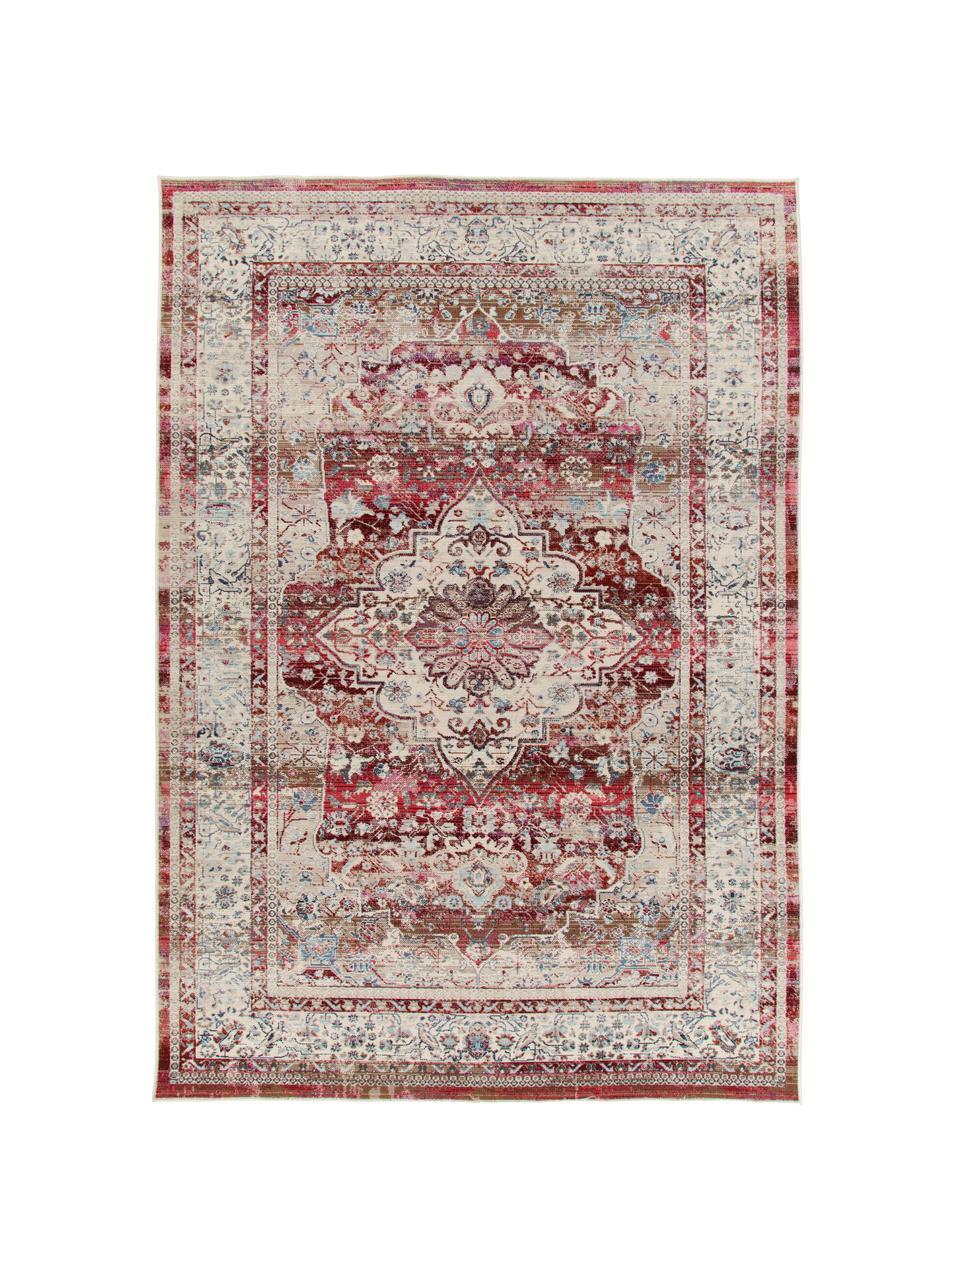 Dywan w stylu vintage Kashan, Beżowy, czerwony, niebieski, S 240 x D 300 cm (Rozmiar L)